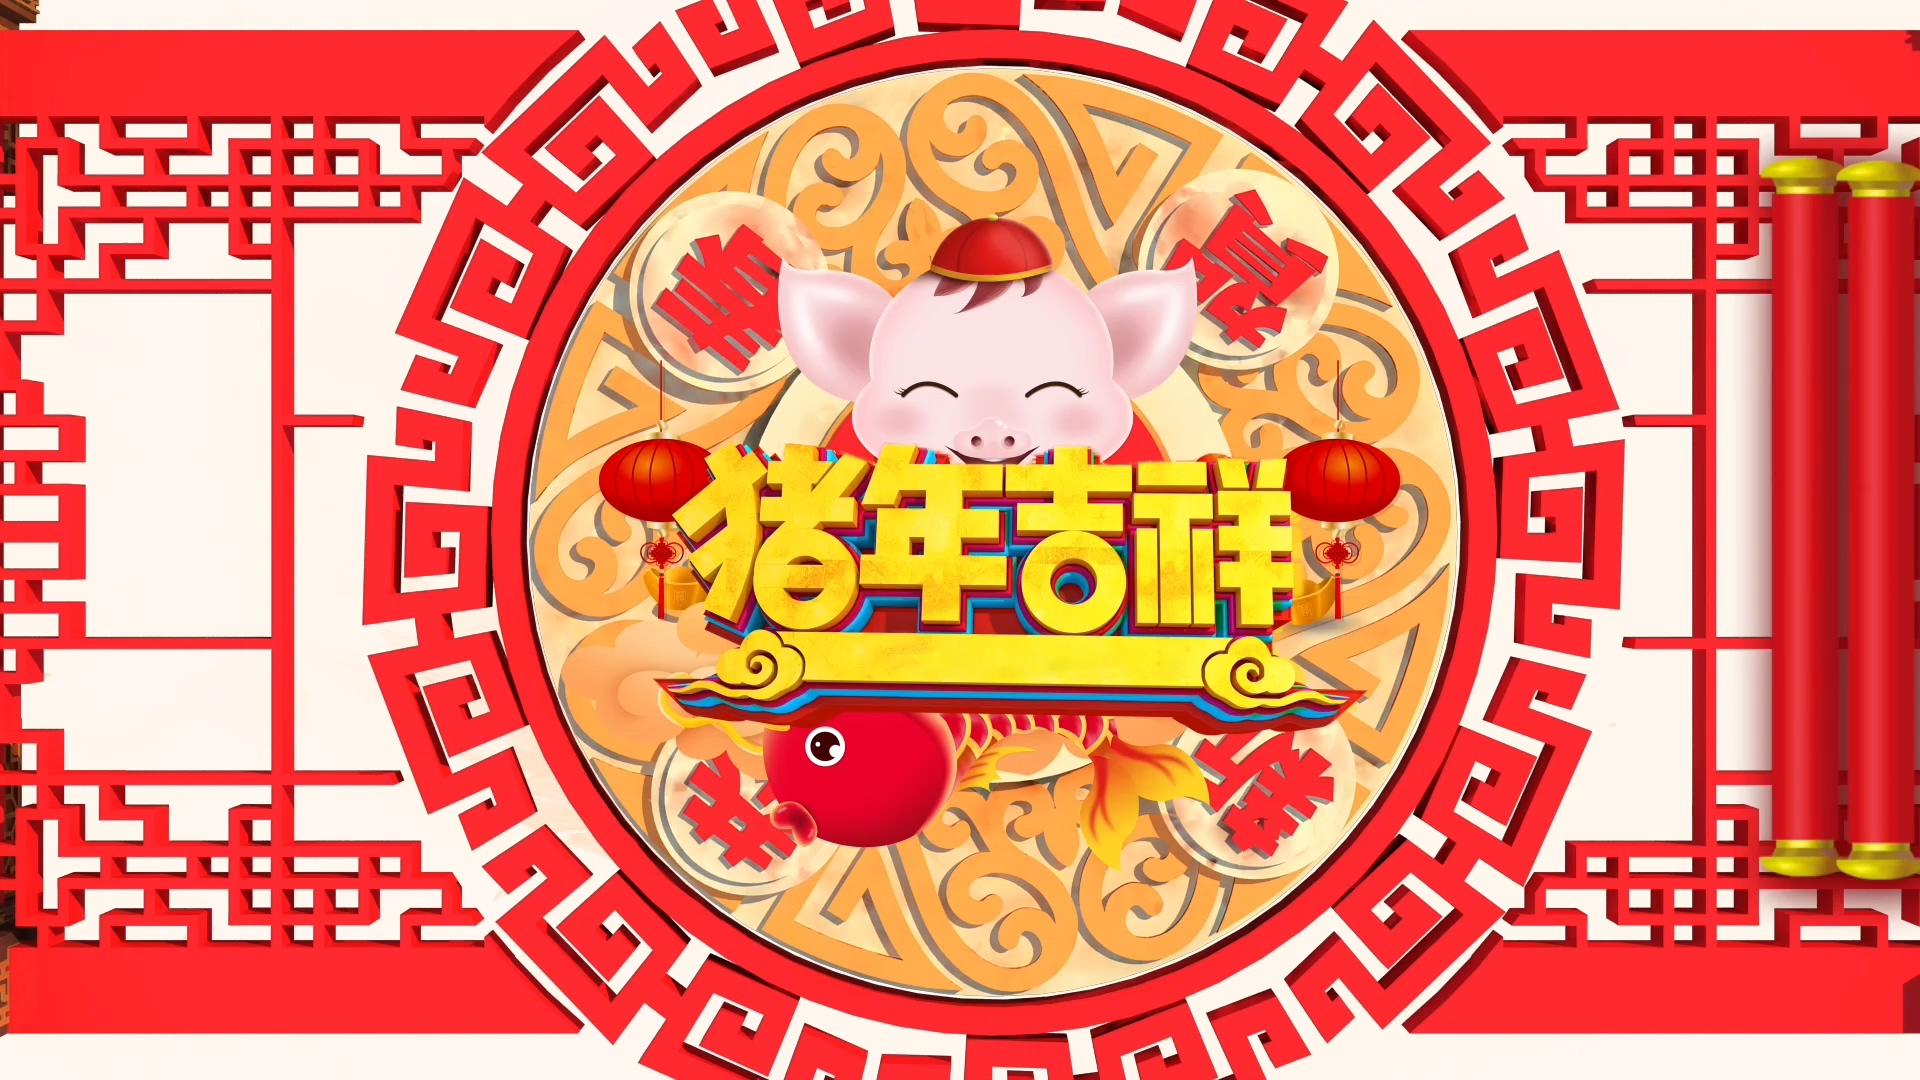 2019猪年吉祥春节晚会开场视频素材背景